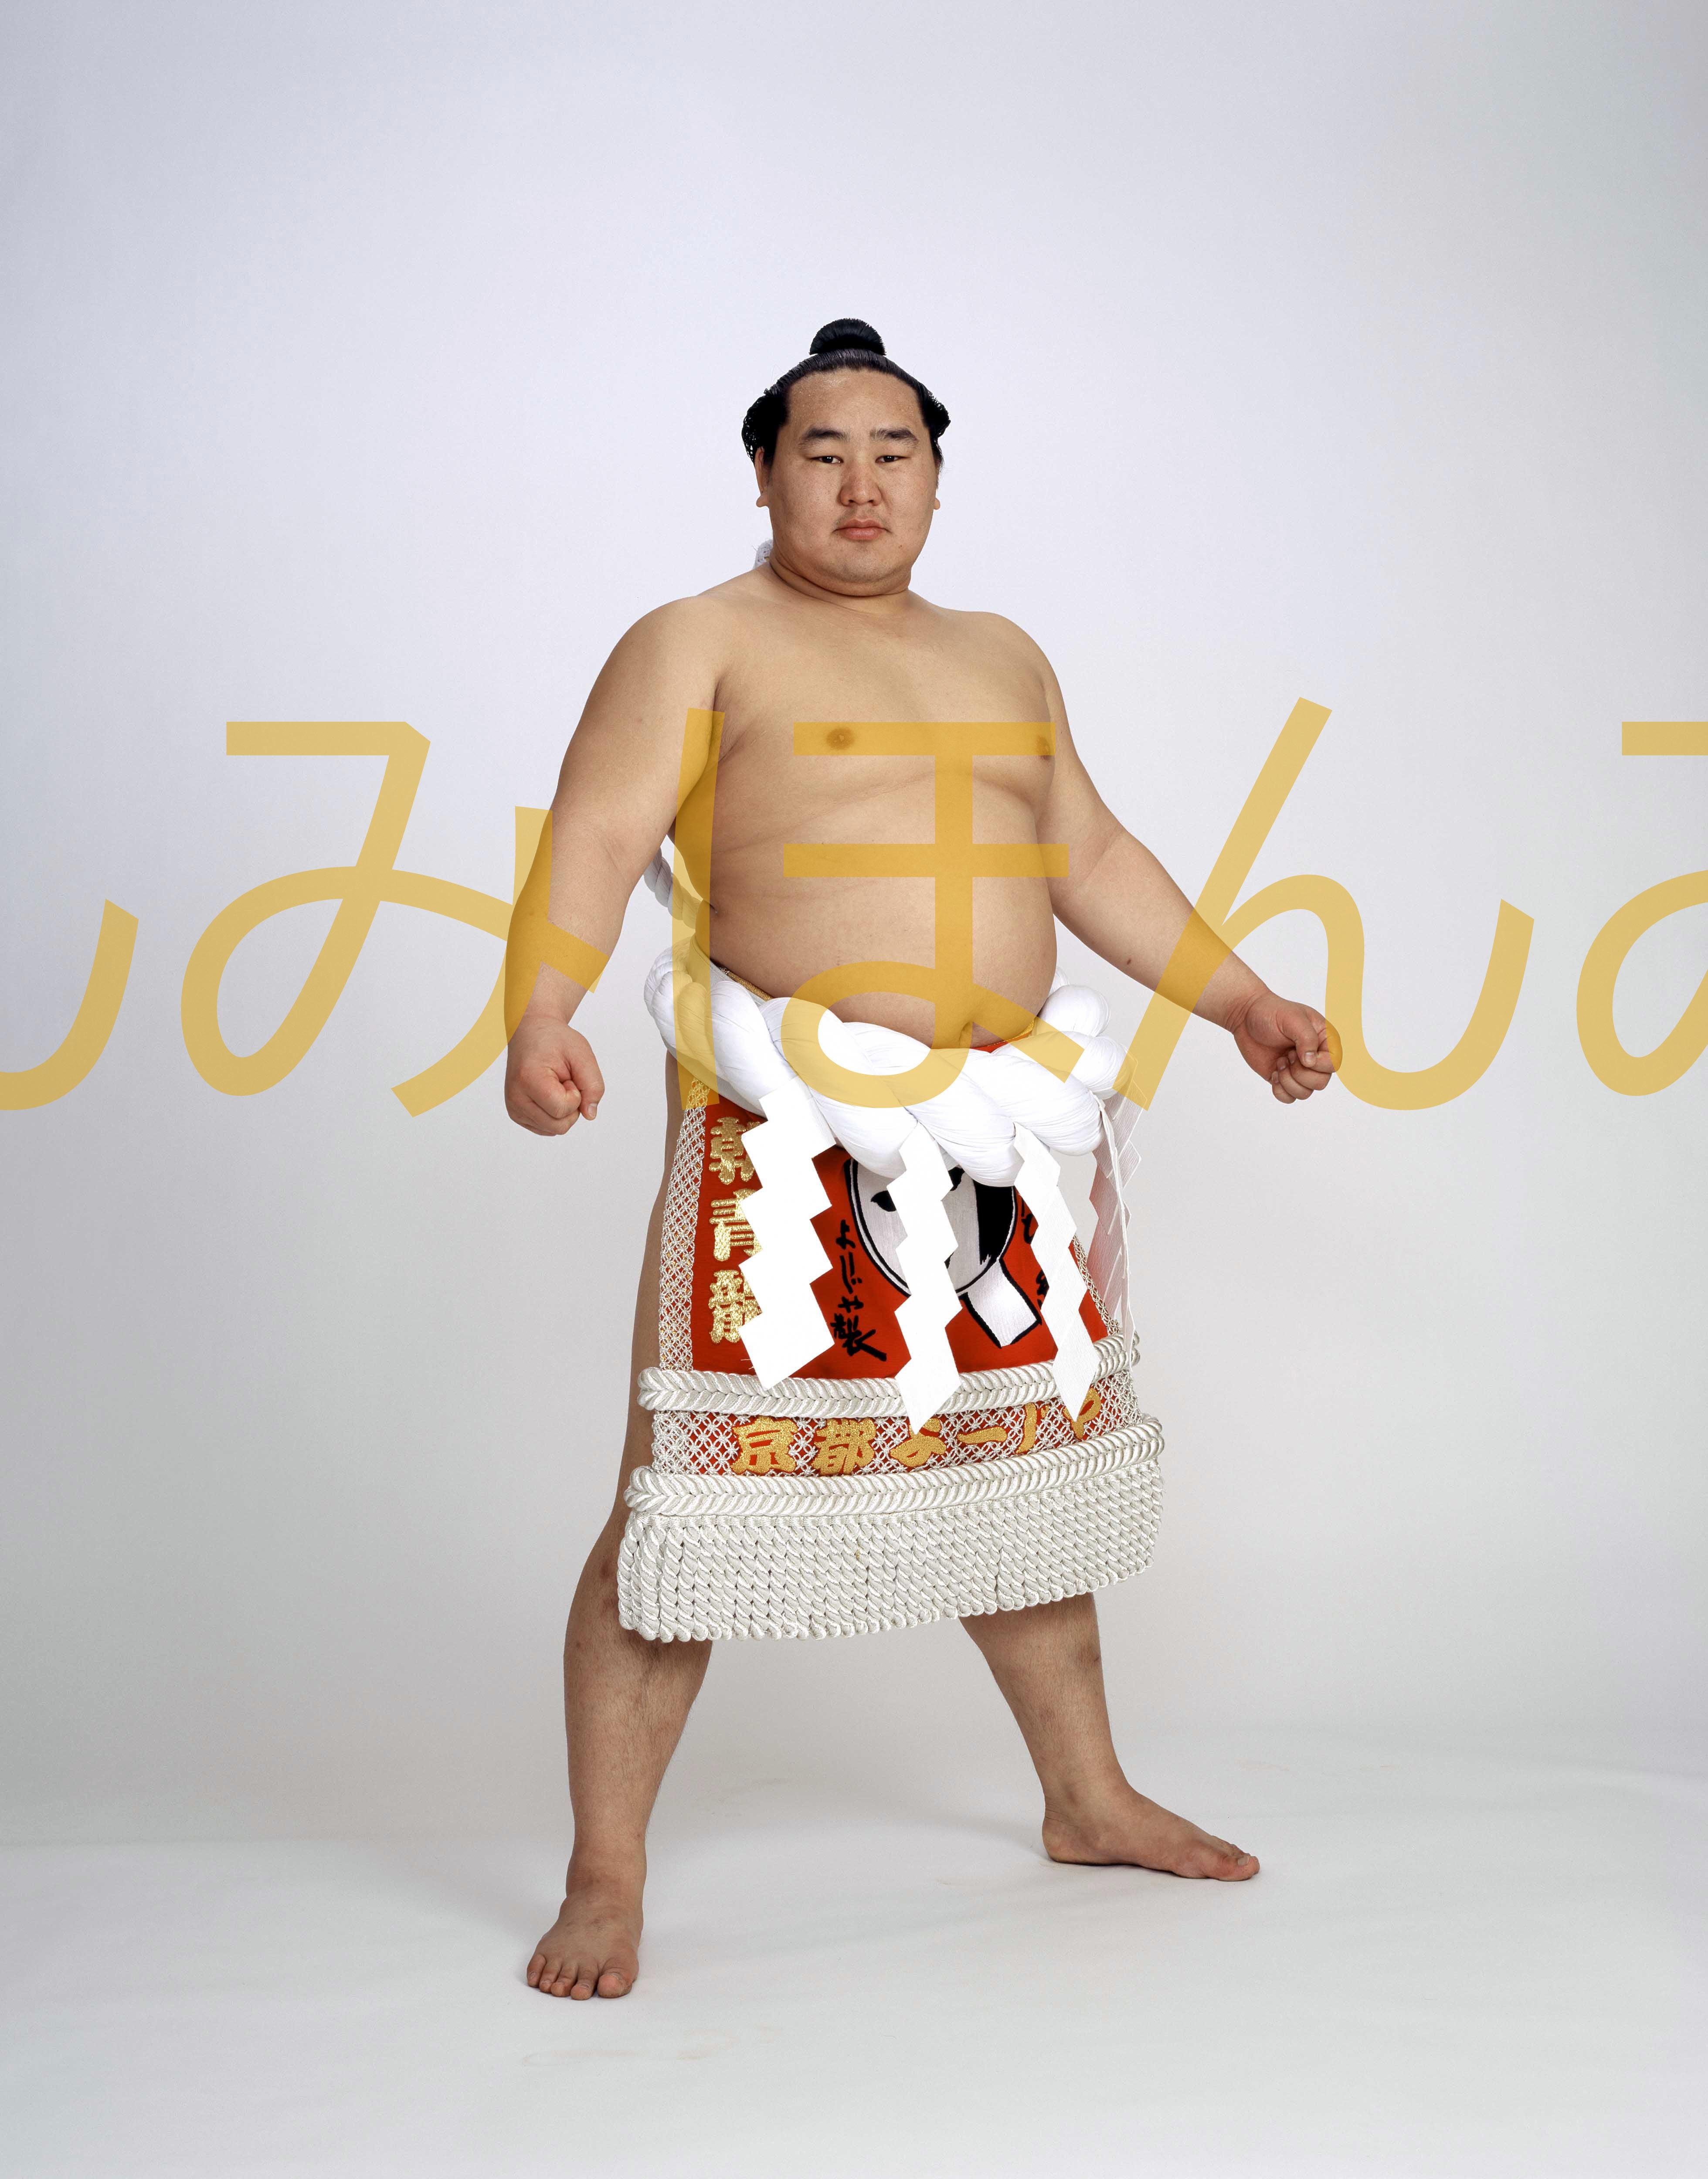 平成19年1月場所優勝 横綱 朝青龍明徳関(20回目の優勝)